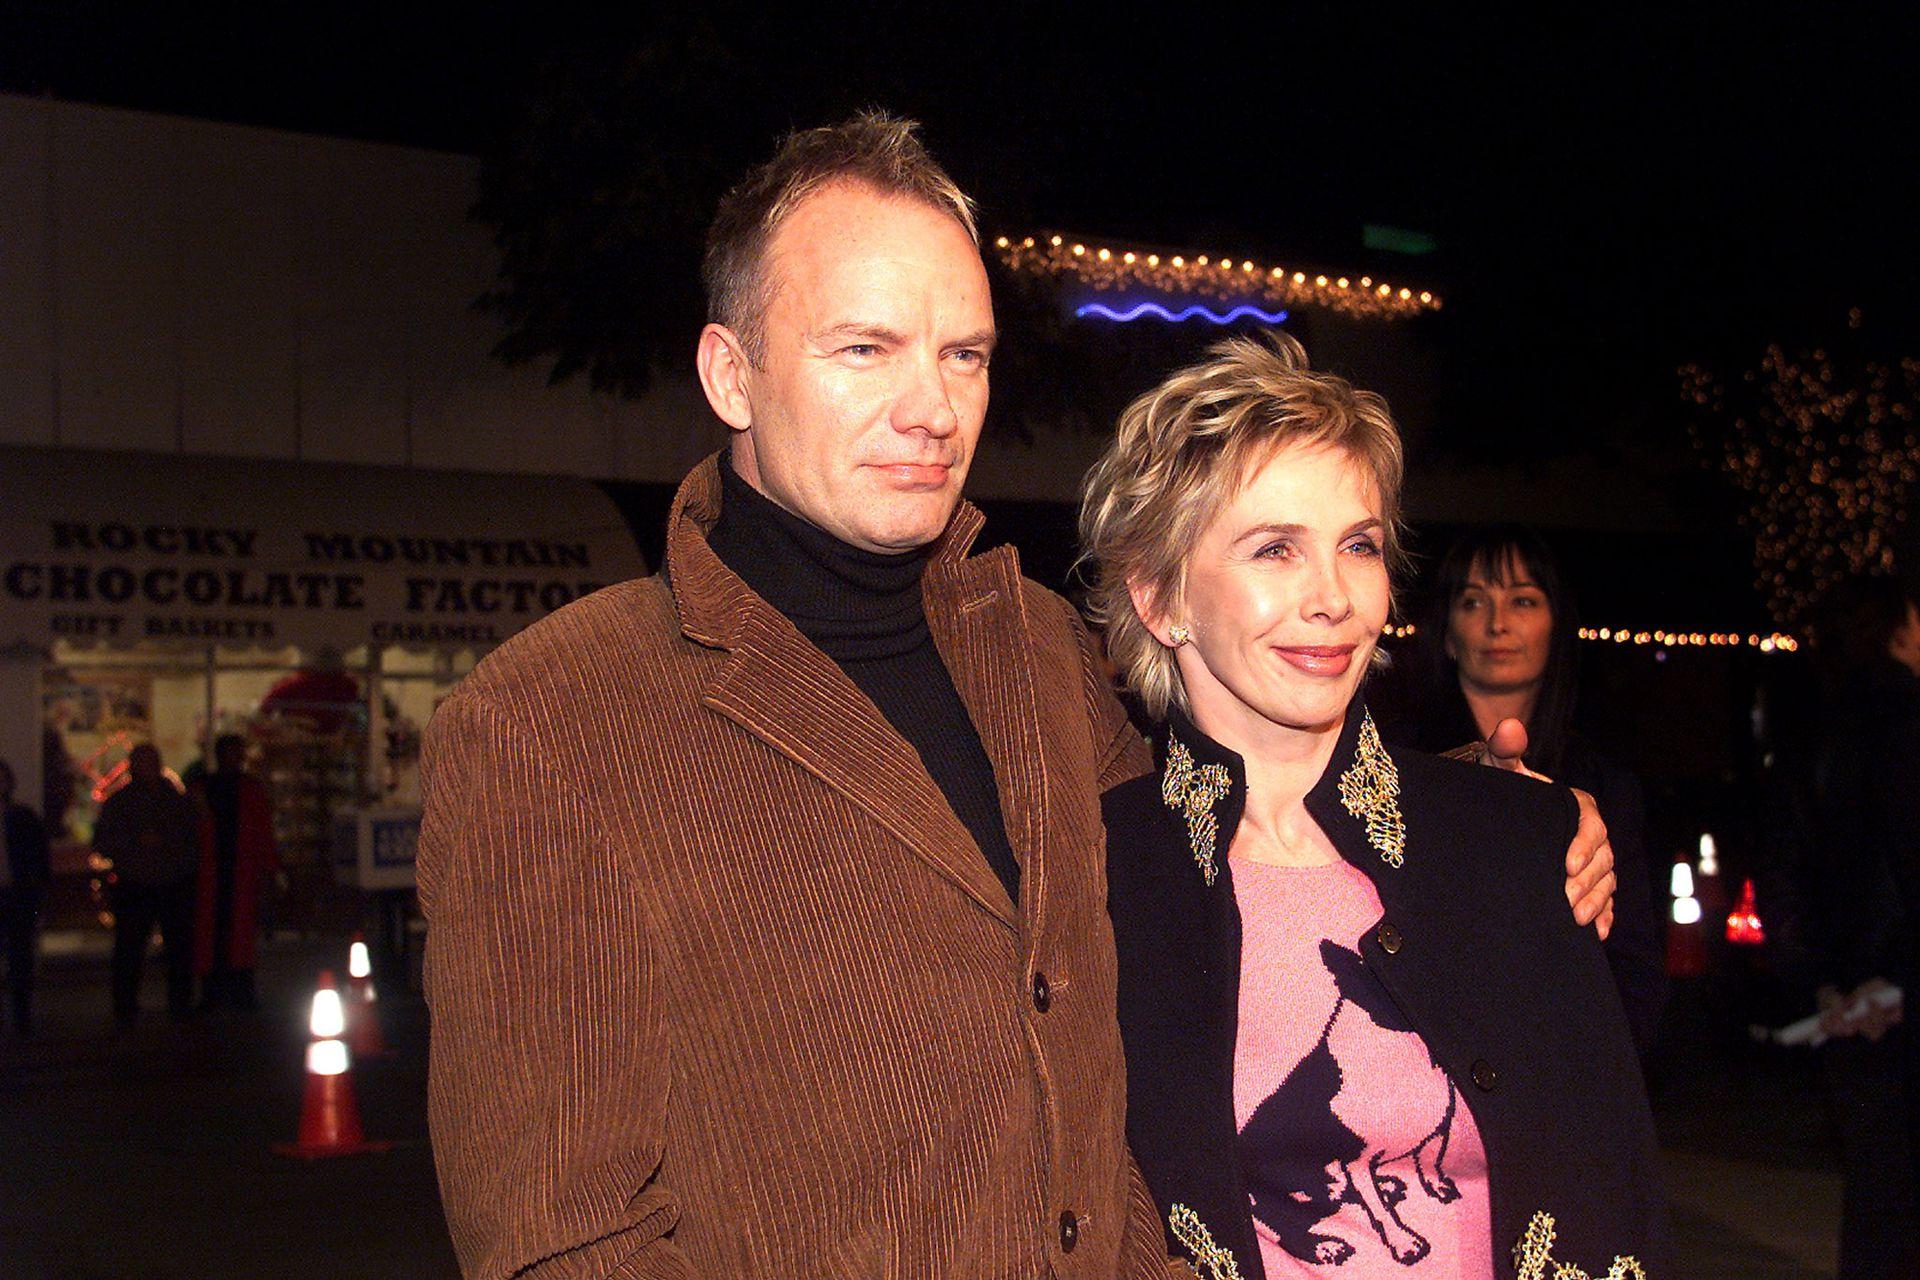 Sting y Trudie, una pareja que tuvo un comienzo difícil